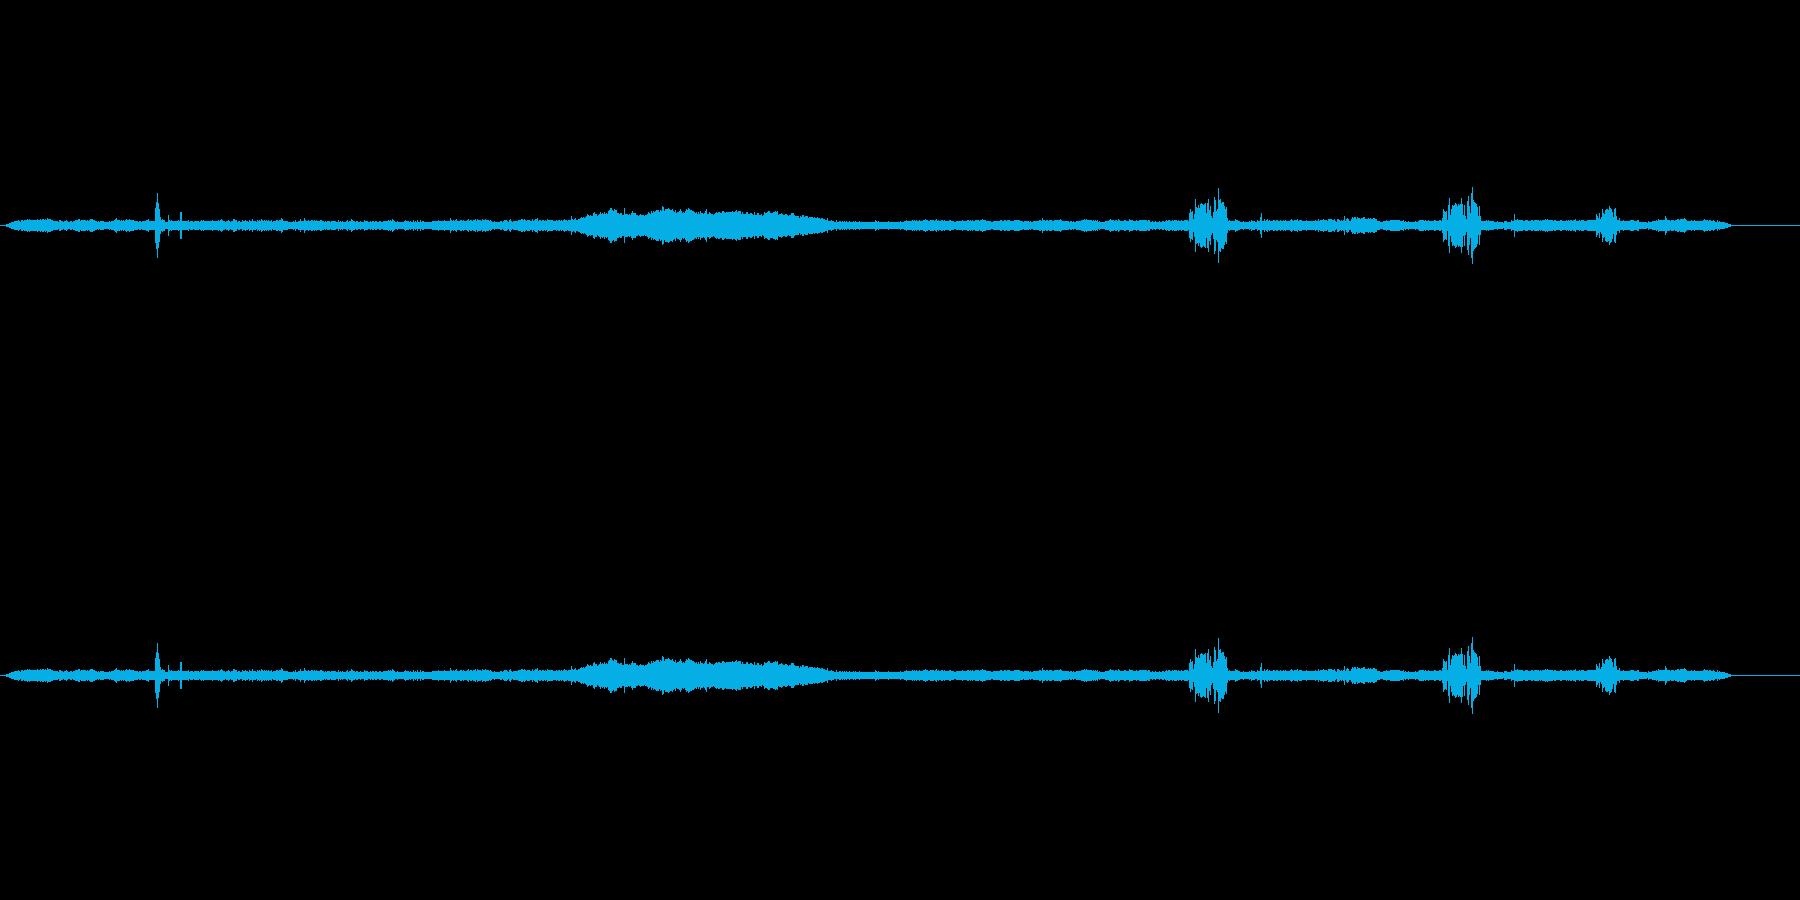 デイバード、セミ、ツリーブリーズの再生済みの波形